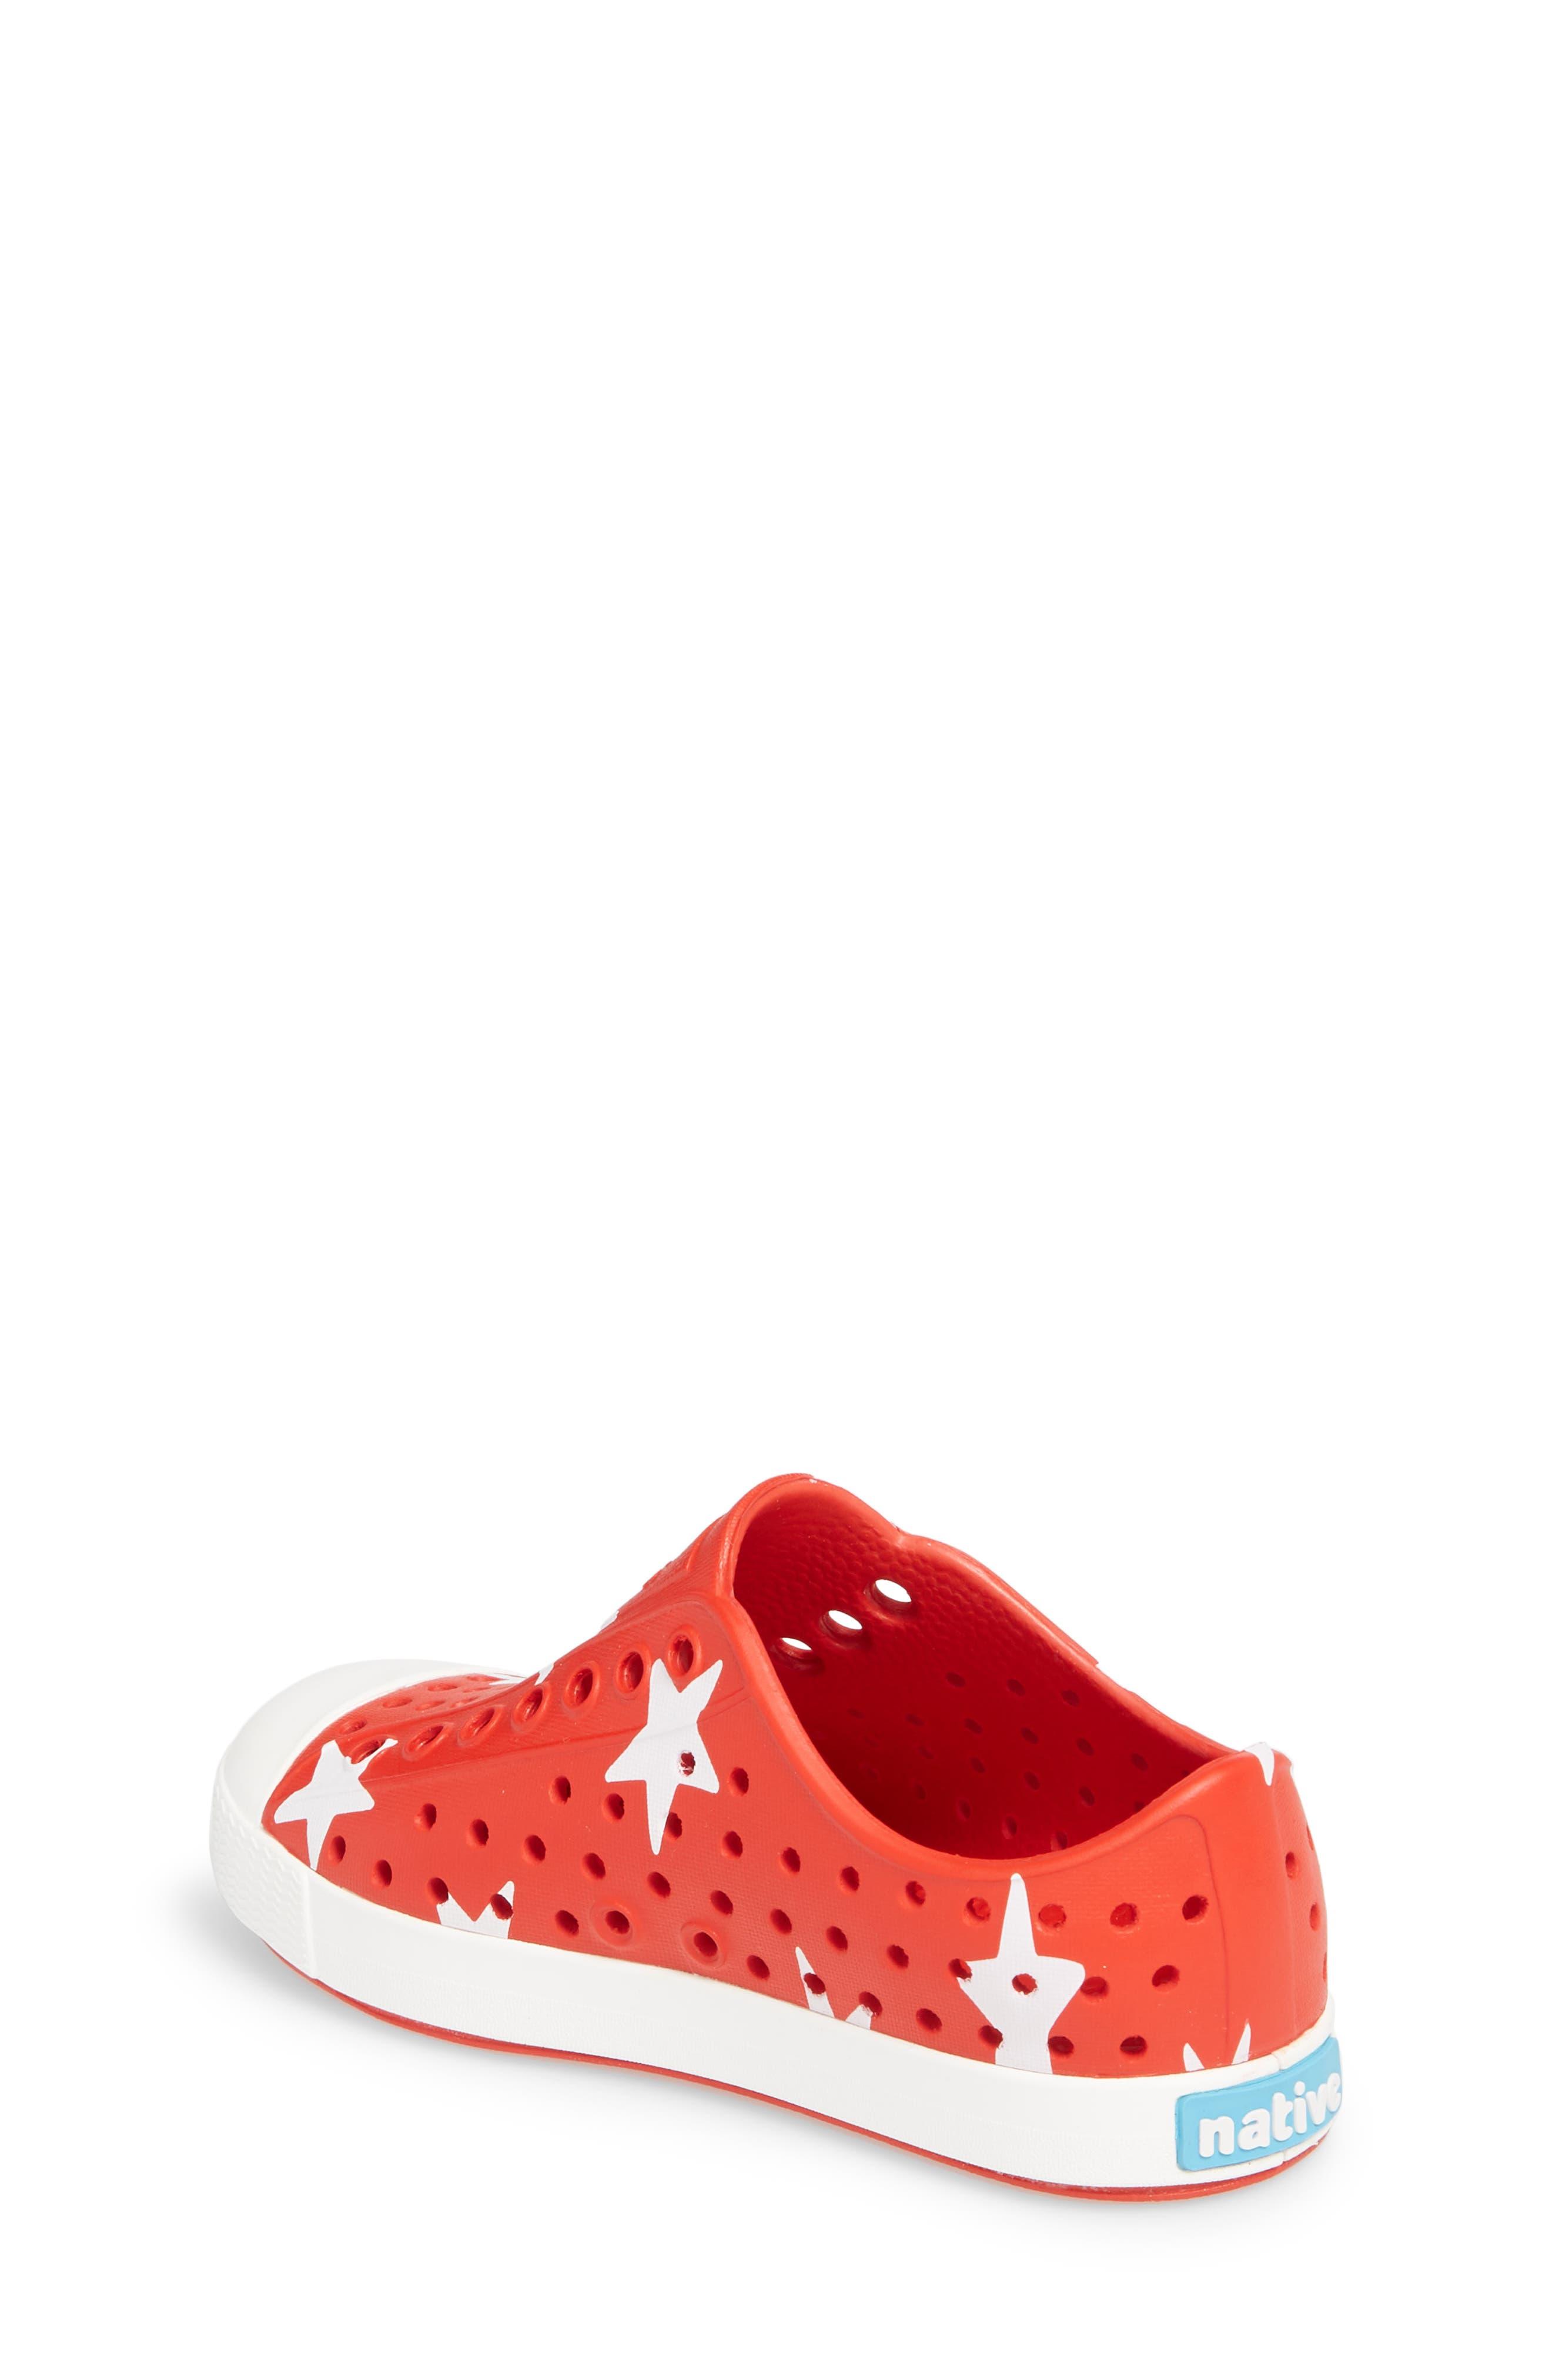 Jefferson Quartz Slip-On Sneaker,                             Alternate thumbnail 2, color,                             TORCH RED/ BONE WHITE/ STAR